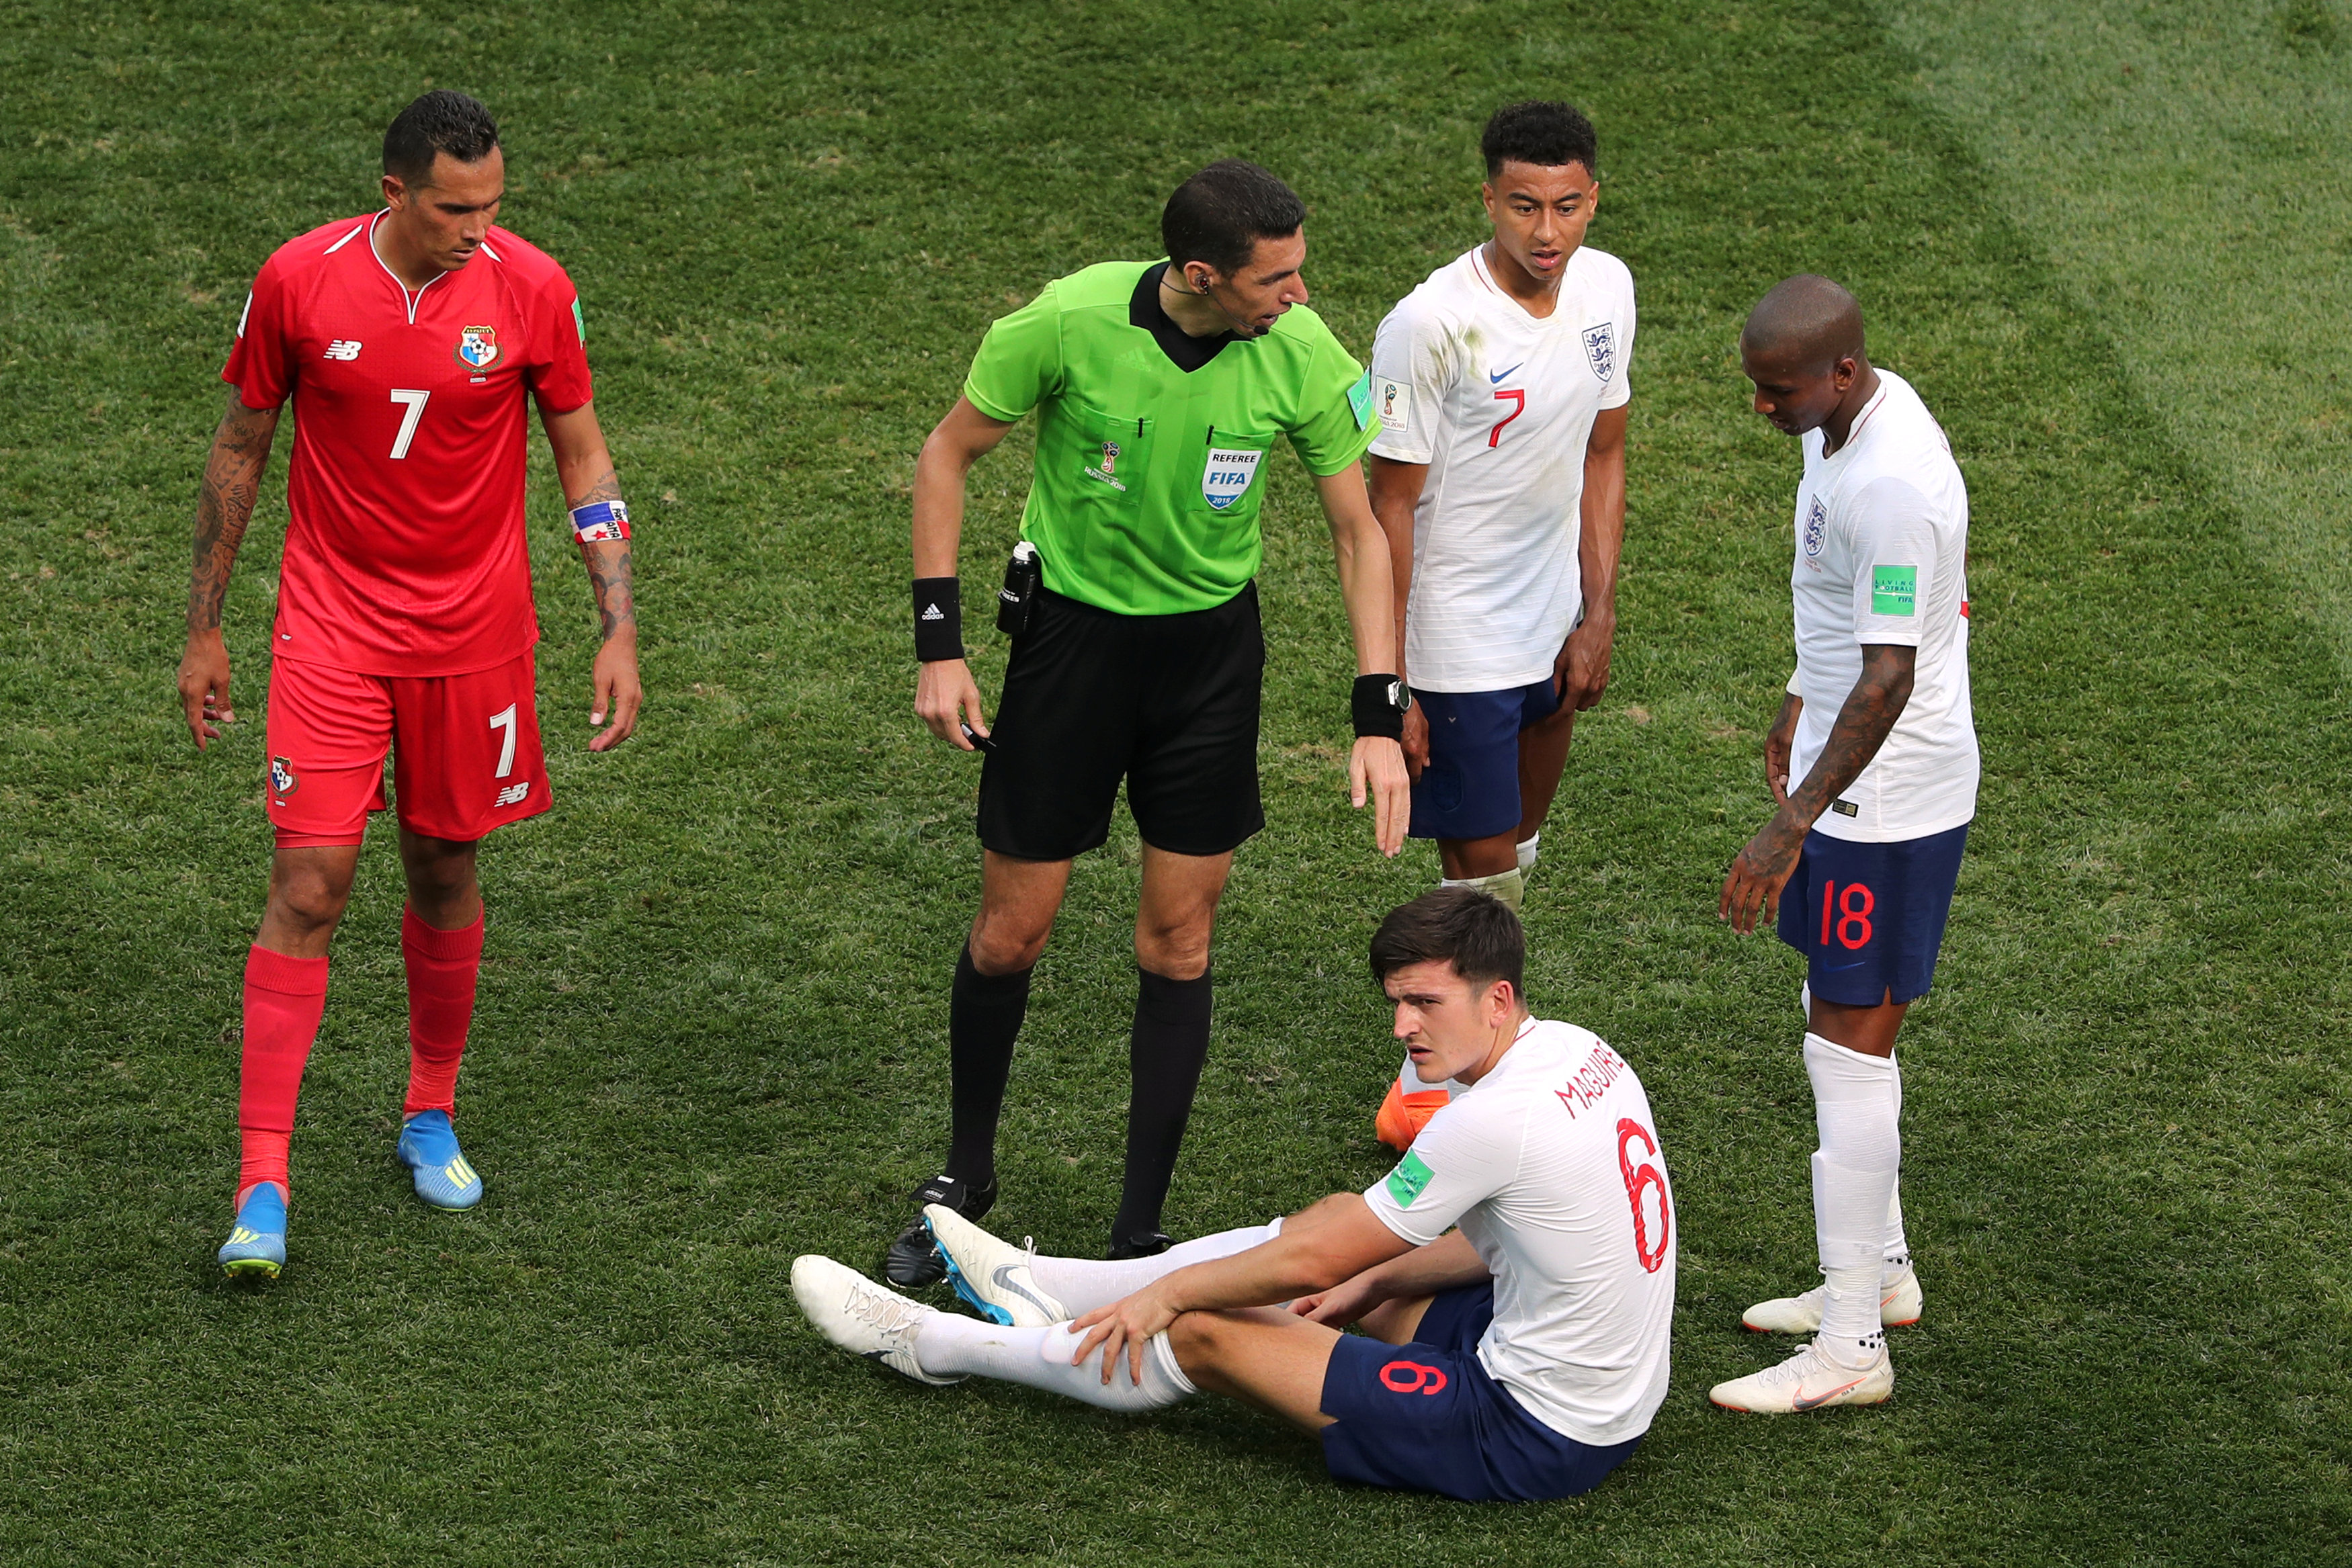 جهاد جريشة يطمئن على لاعب منتخب إنجلترا